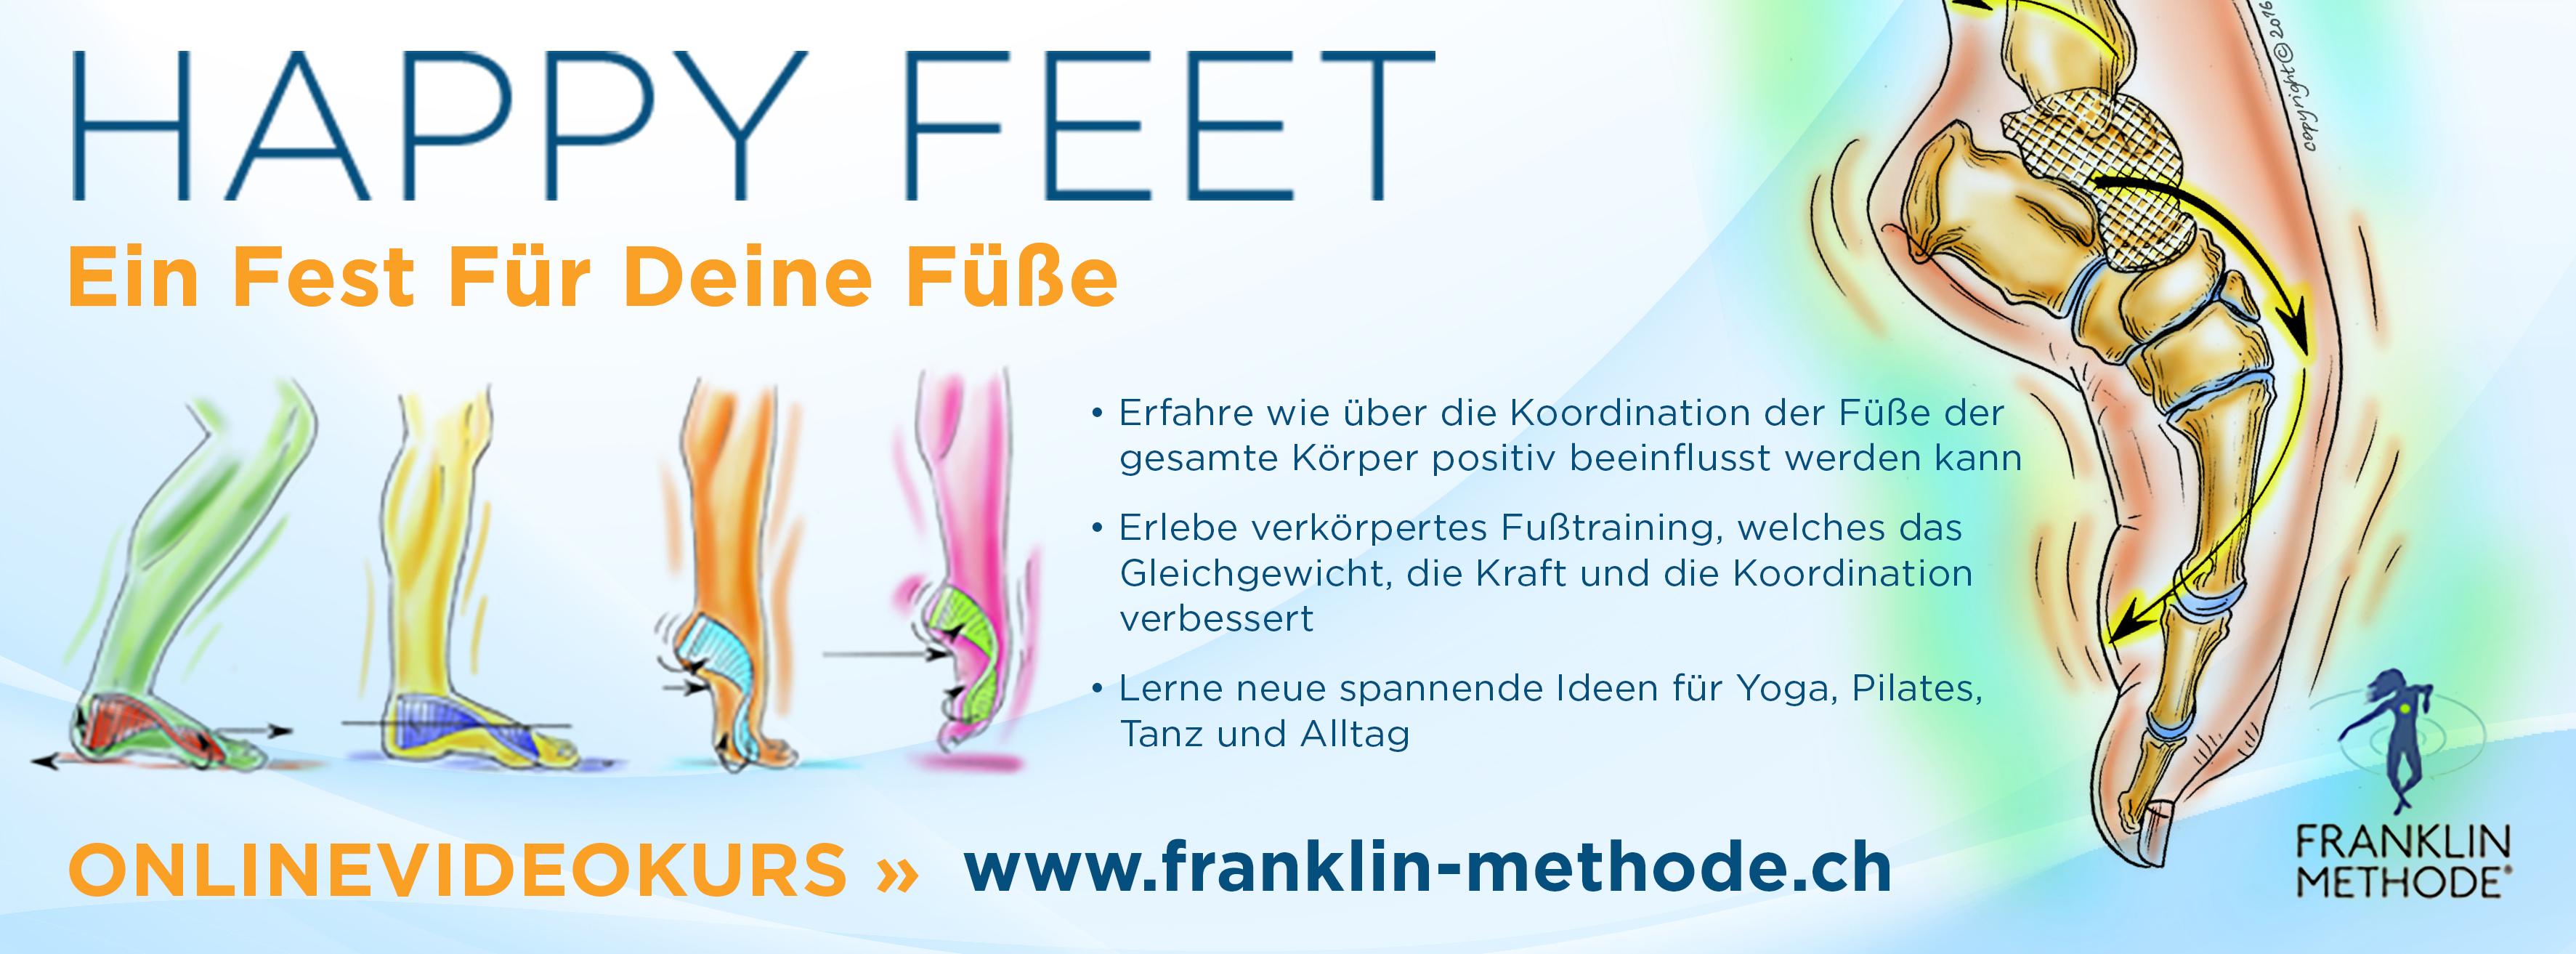 Happy Feet - Ein Fest für deine Füße